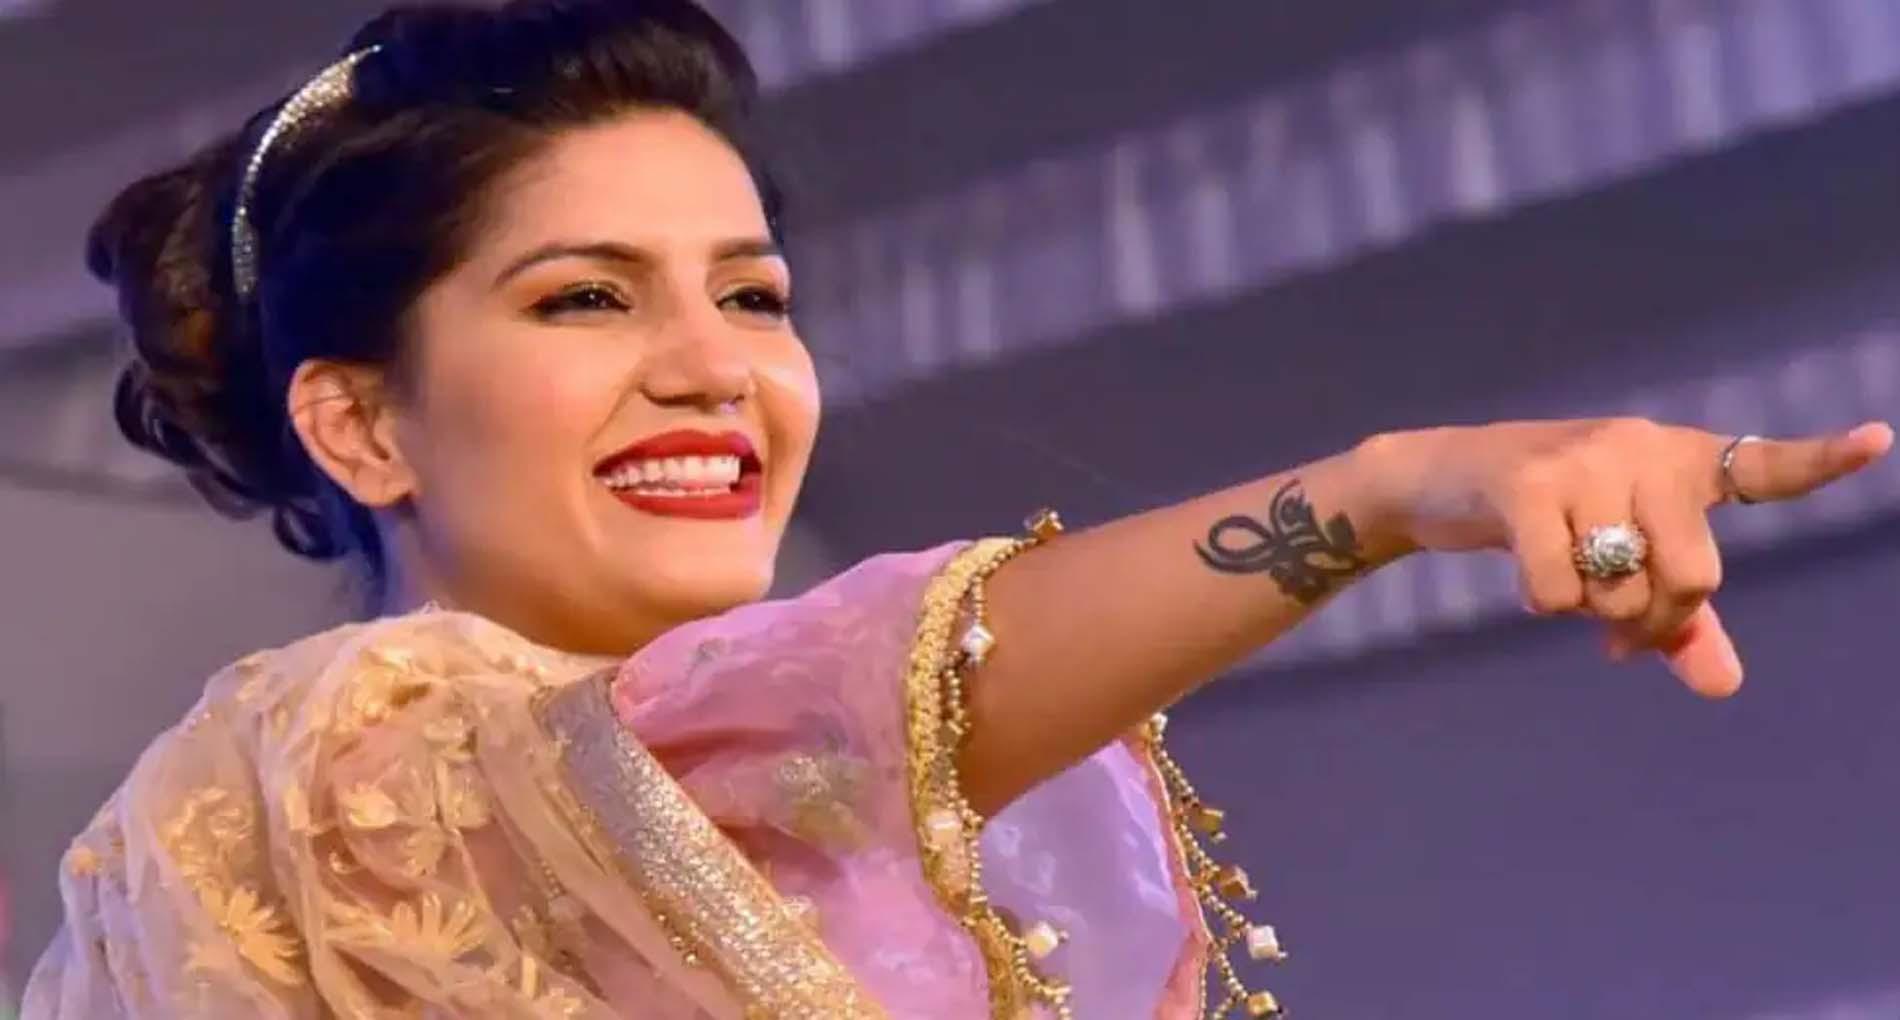 Sapna Choudhary Dance Video: सपना चौधरी ने स्टेज पर किया धांसू डांस! वायरल हुआ वीडियो